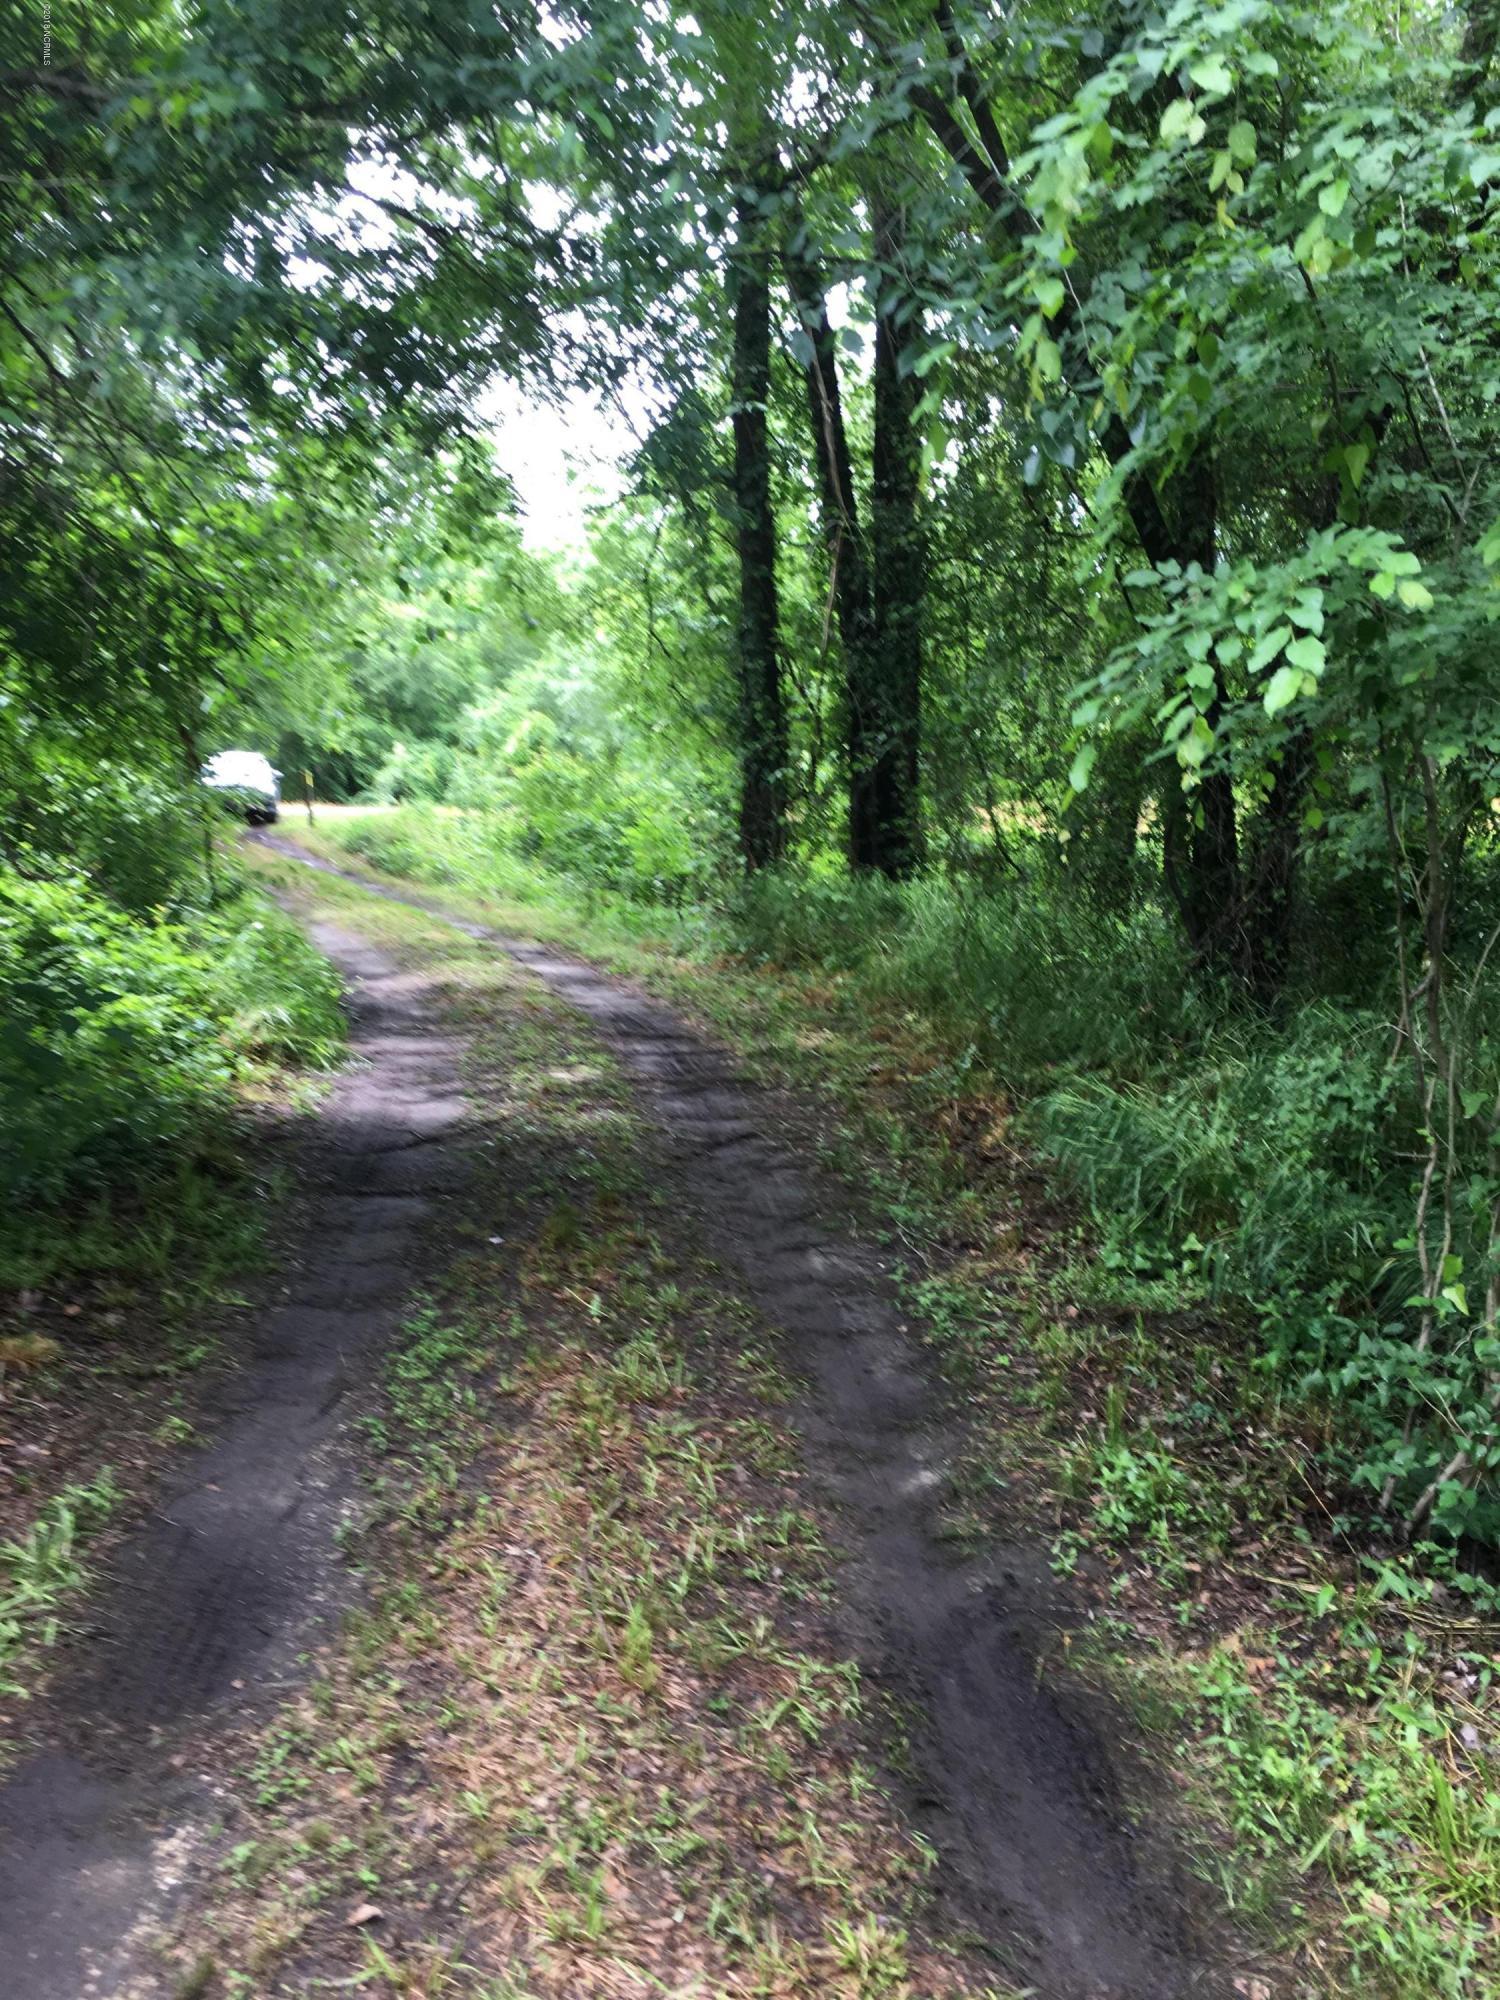 0 Croomsbridge Road,Burgaw,North Carolina,Residential land,Croomsbridge,100117028